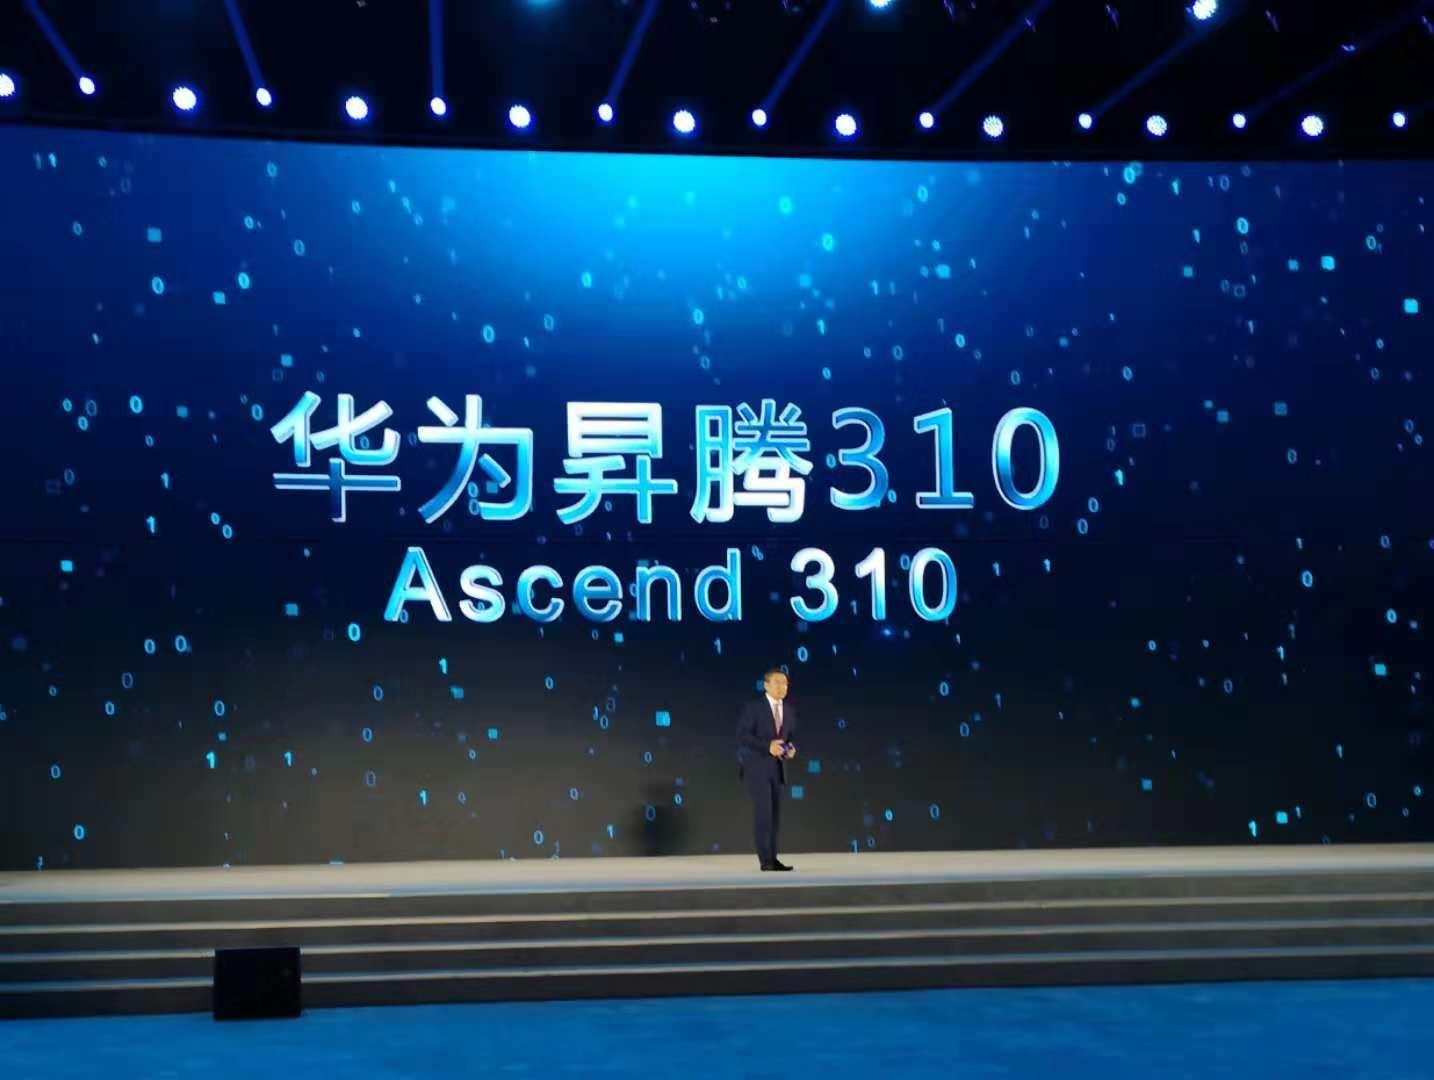 开启AI新时代 华为昇腾310 AI芯片获颁第五届世界互联网领先科技成果奖